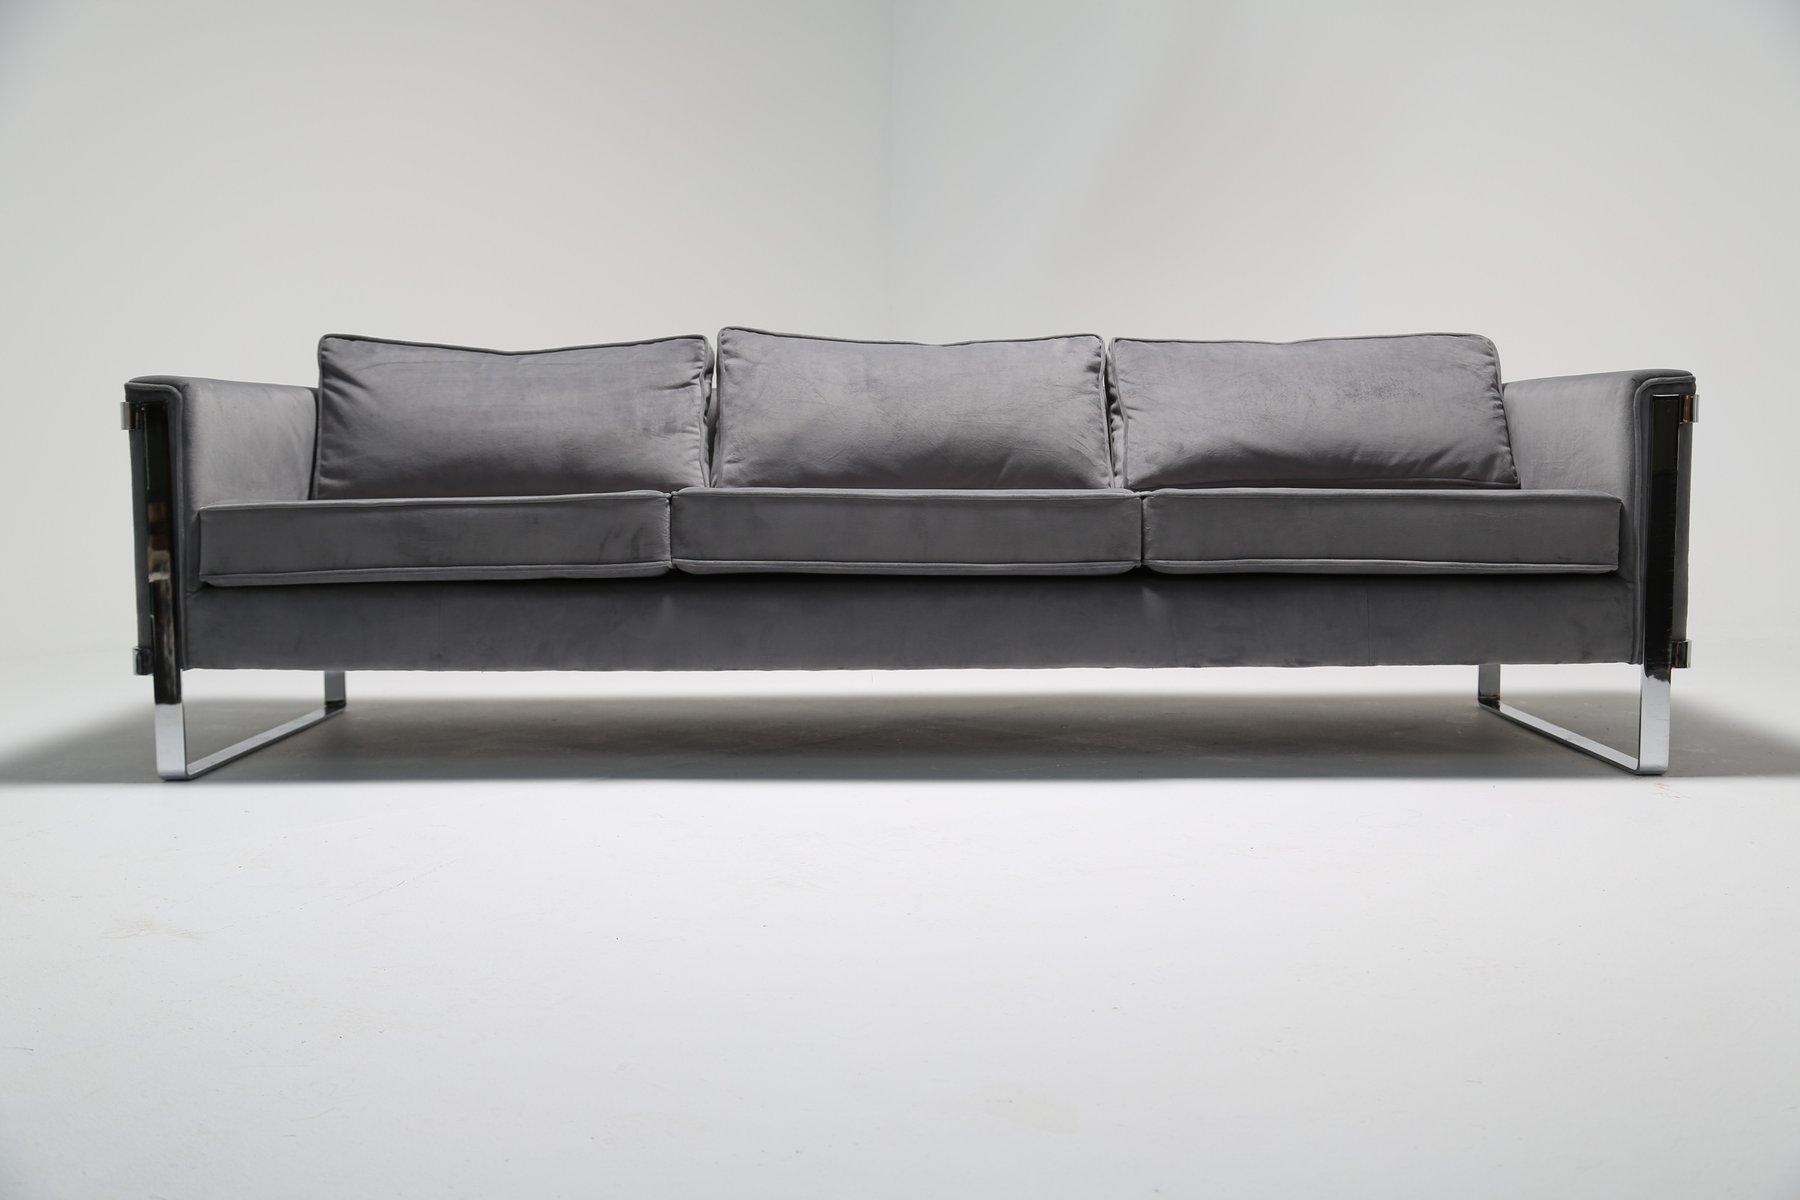 canap vintage en m tal chrom et velour gris en vente sur. Black Bedroom Furniture Sets. Home Design Ideas